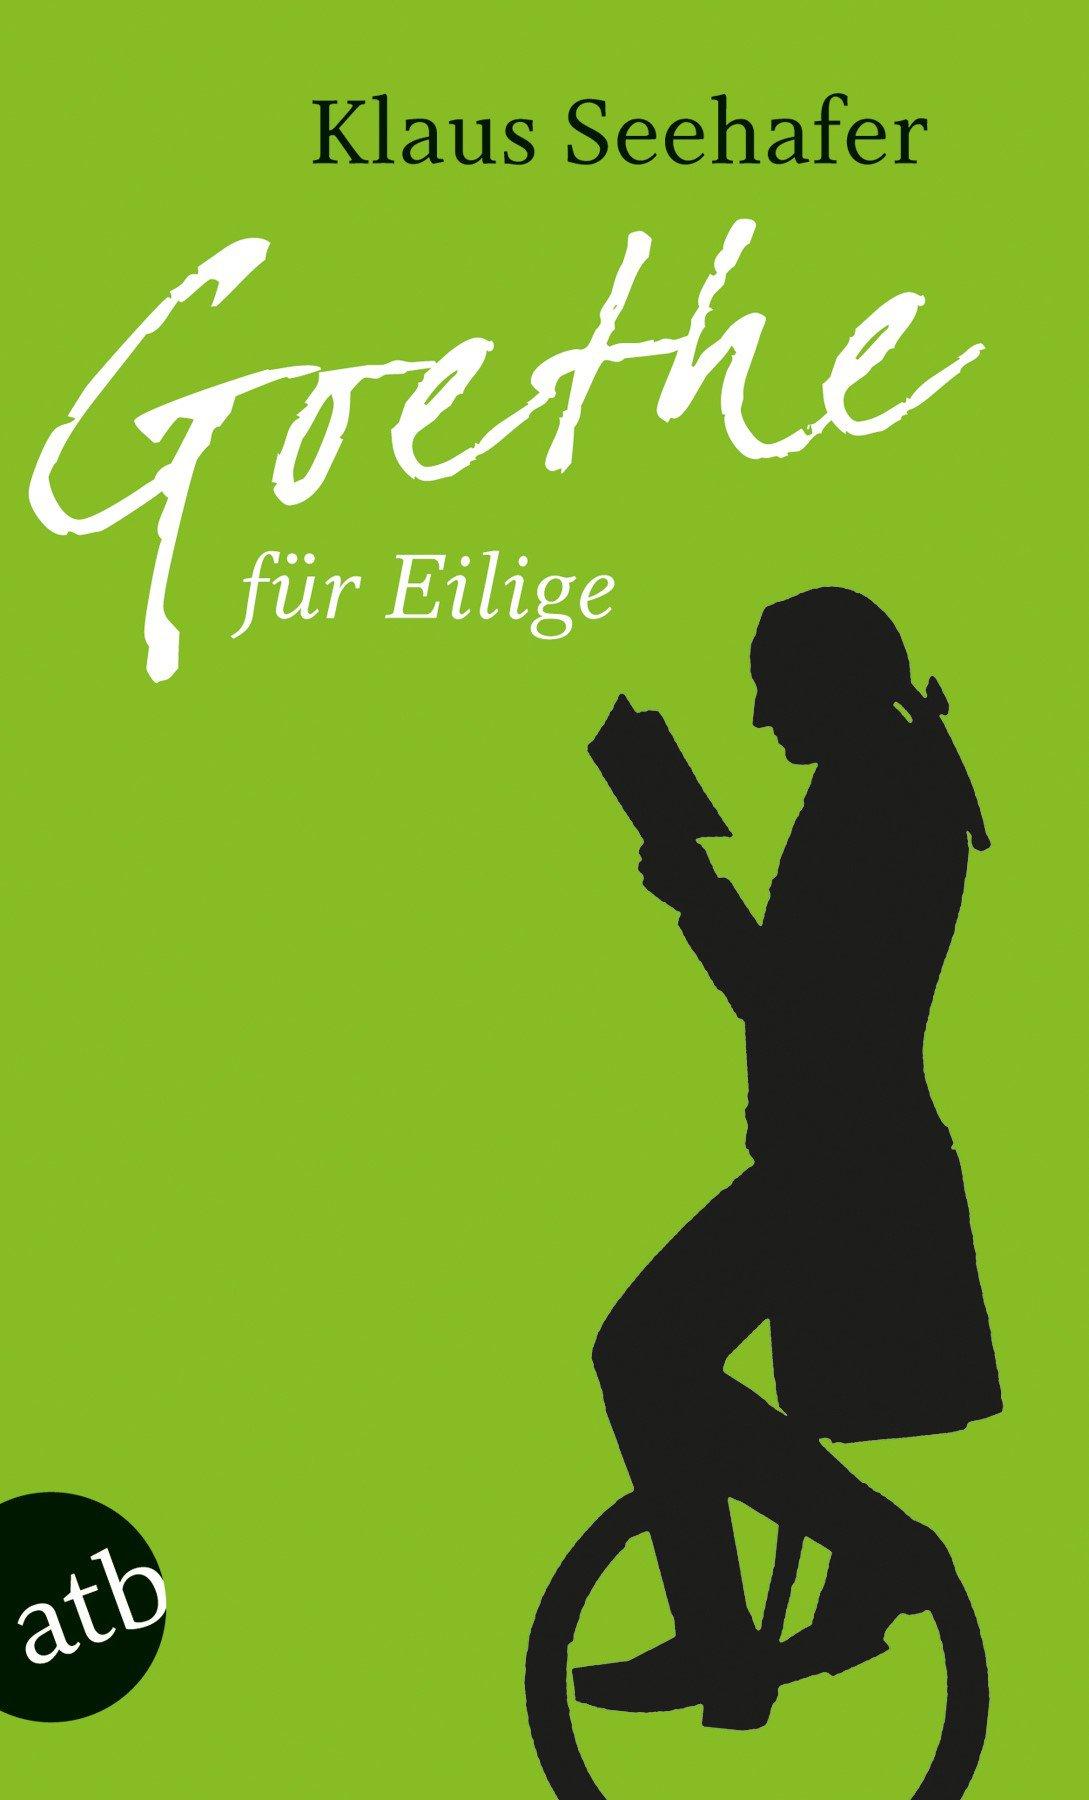 """Heute beginnt die Internationale Grüne Woche, wir beenden unsere #grünewoche mit diesem Buchtipp:""""Goethe für Eilige"""" https://t.co/ddJepUCslD"""